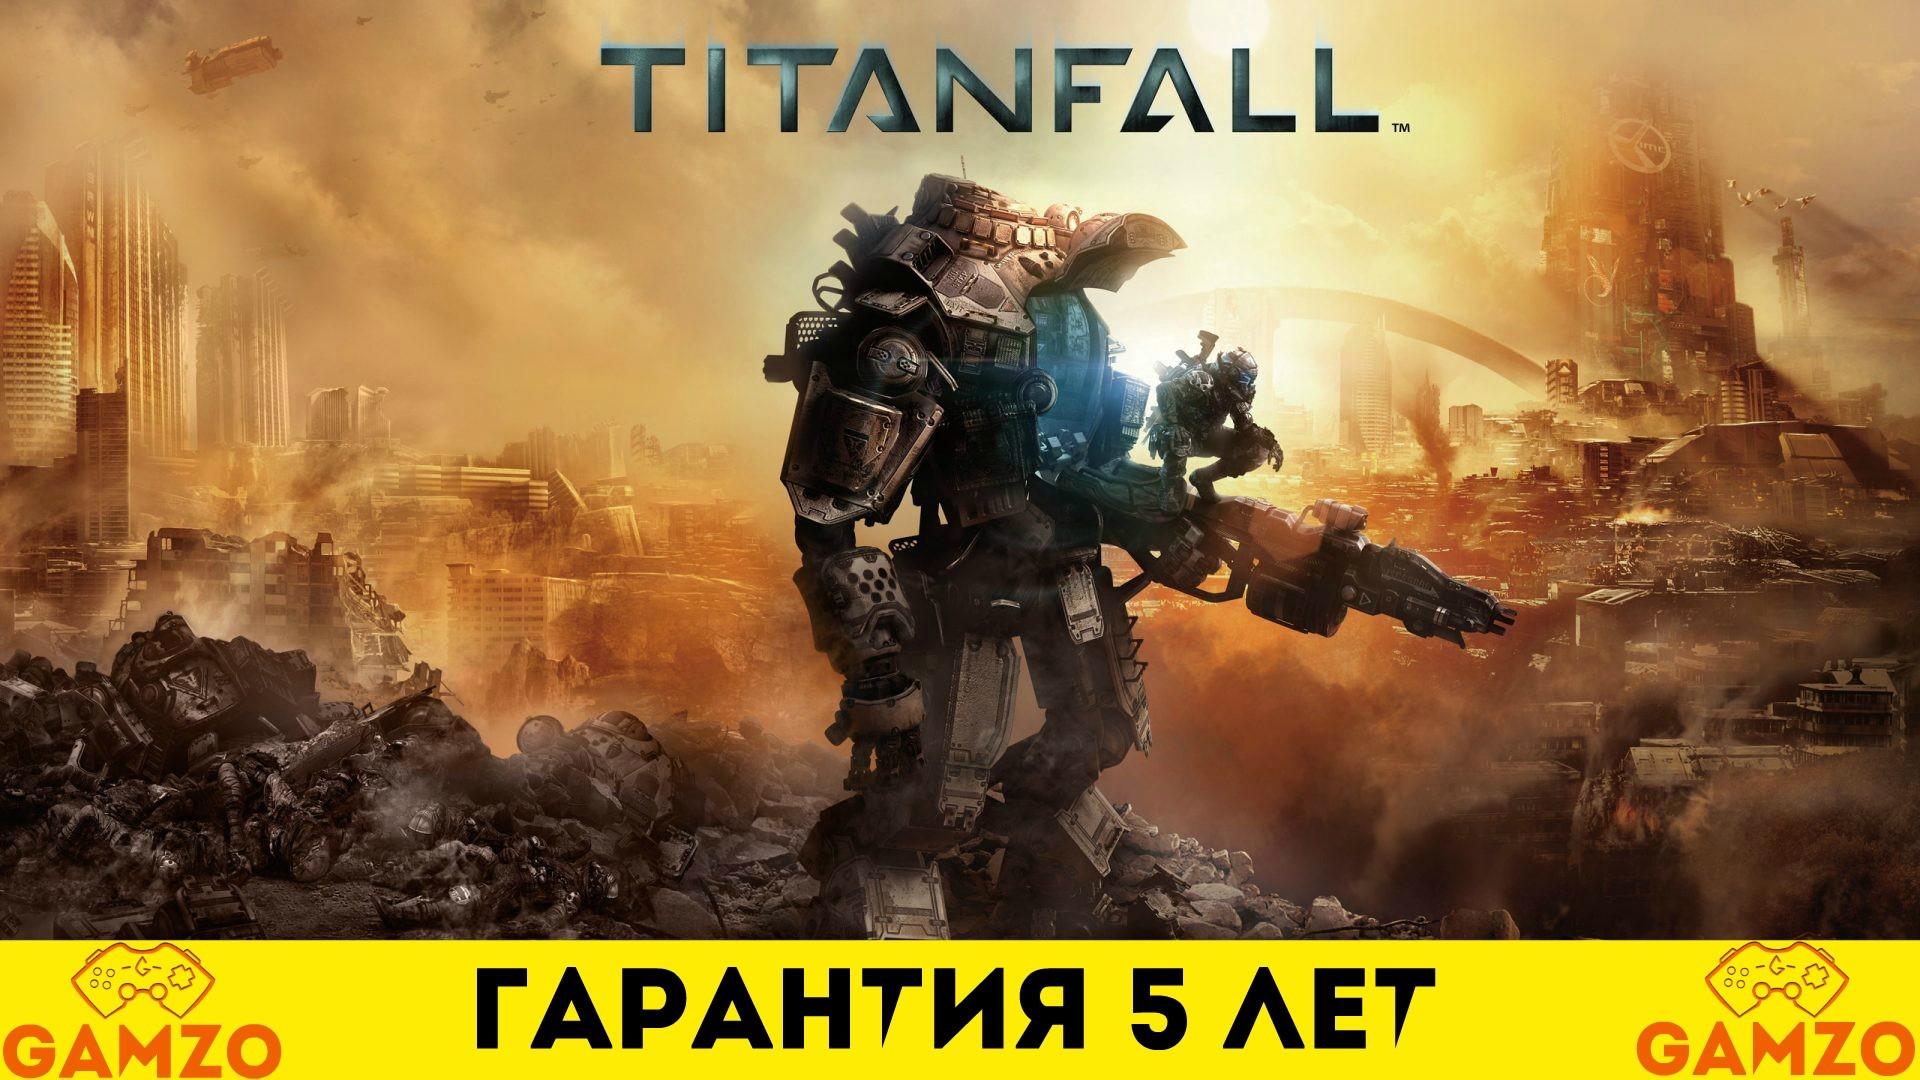 Titanfall   Гарантия 5 лет   + Подарок